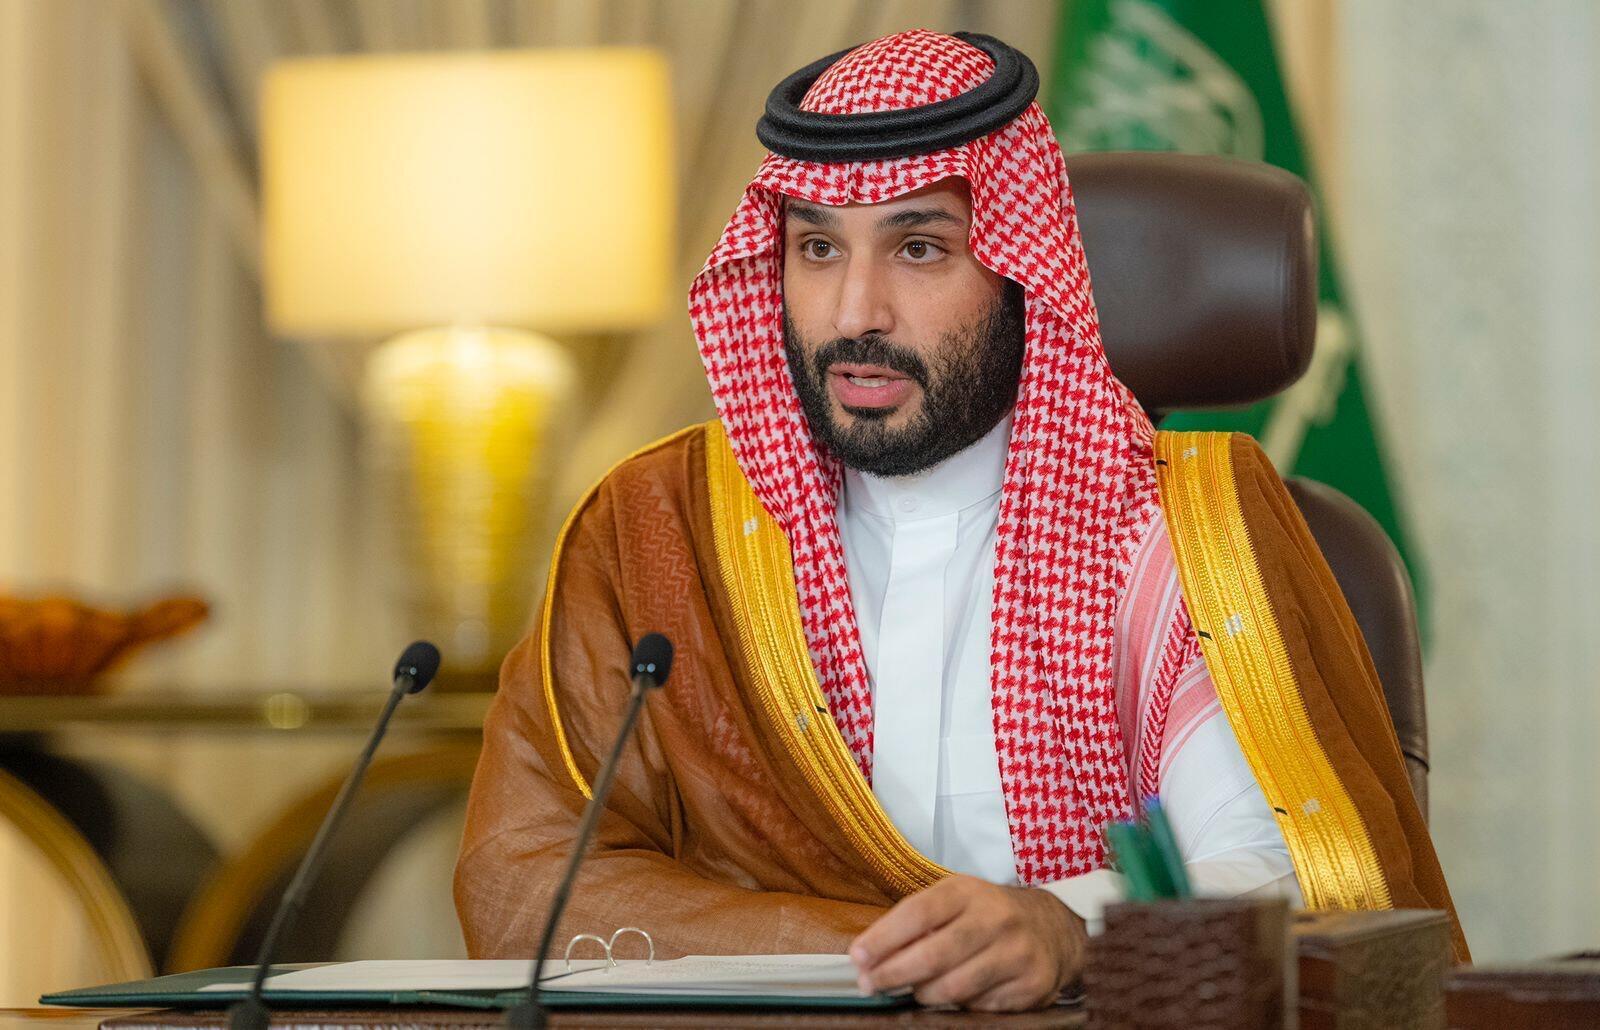 El príncipe heredero, Mohamed bin Salmán, habla durante la apertura del foro sobre medioambiente Iniciativa Verde Saudí, el 23 de octubre de 2021 en Riad